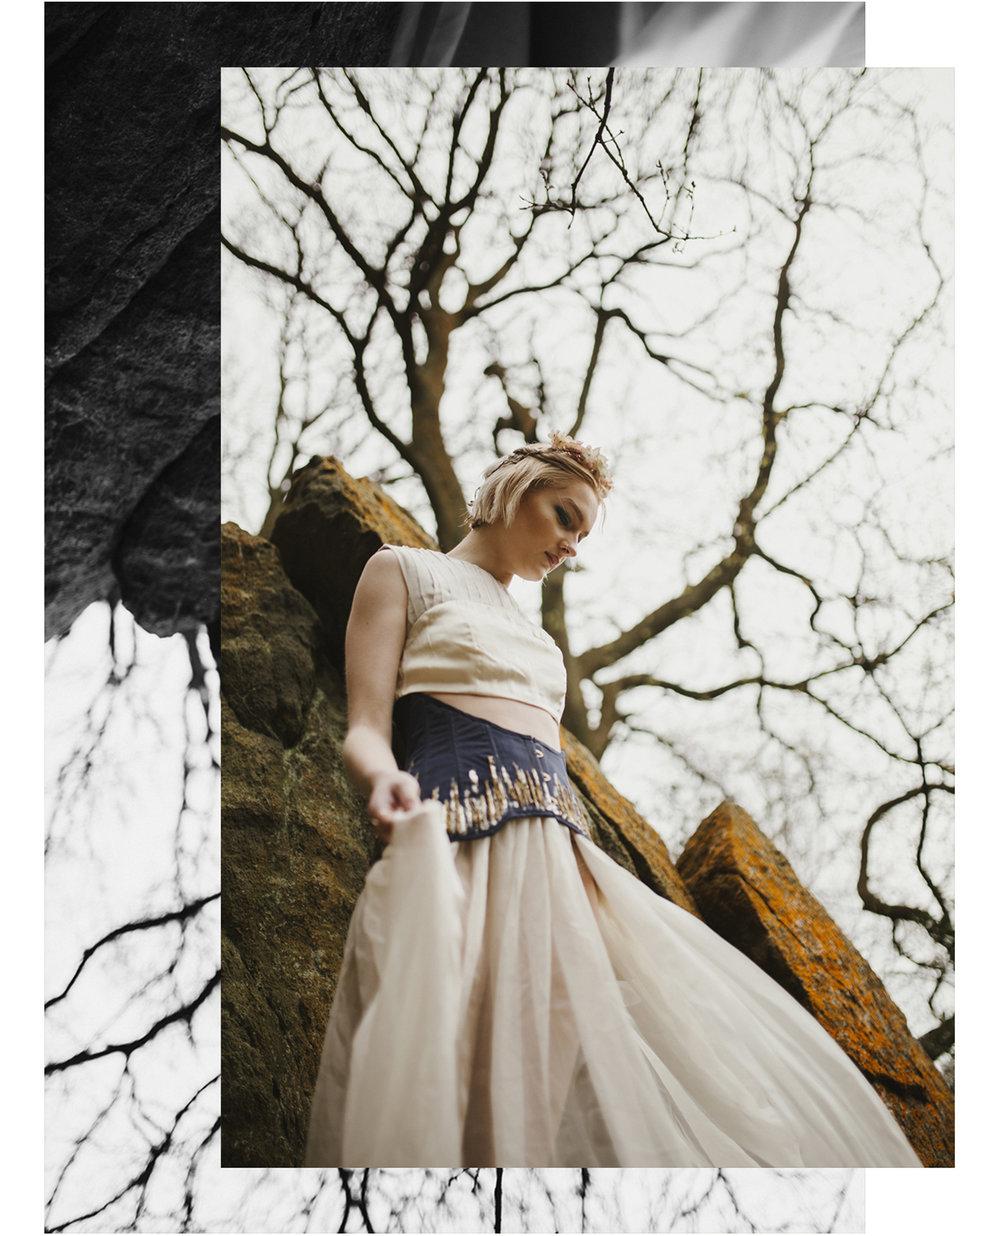 Keownphoto. Outwoods 4.jpg